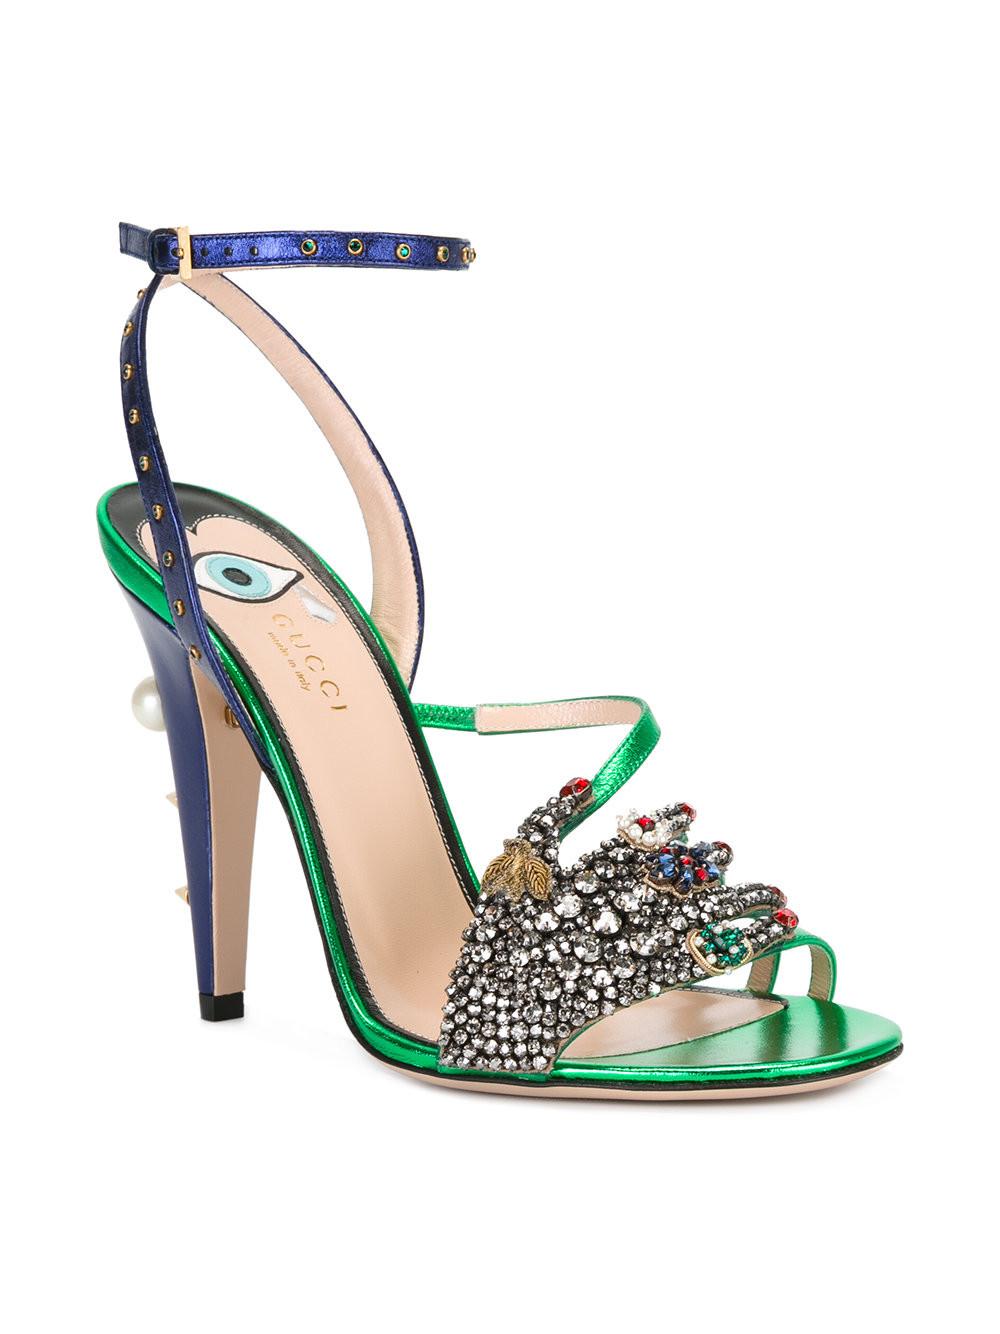 GUCCI  embellished sandals